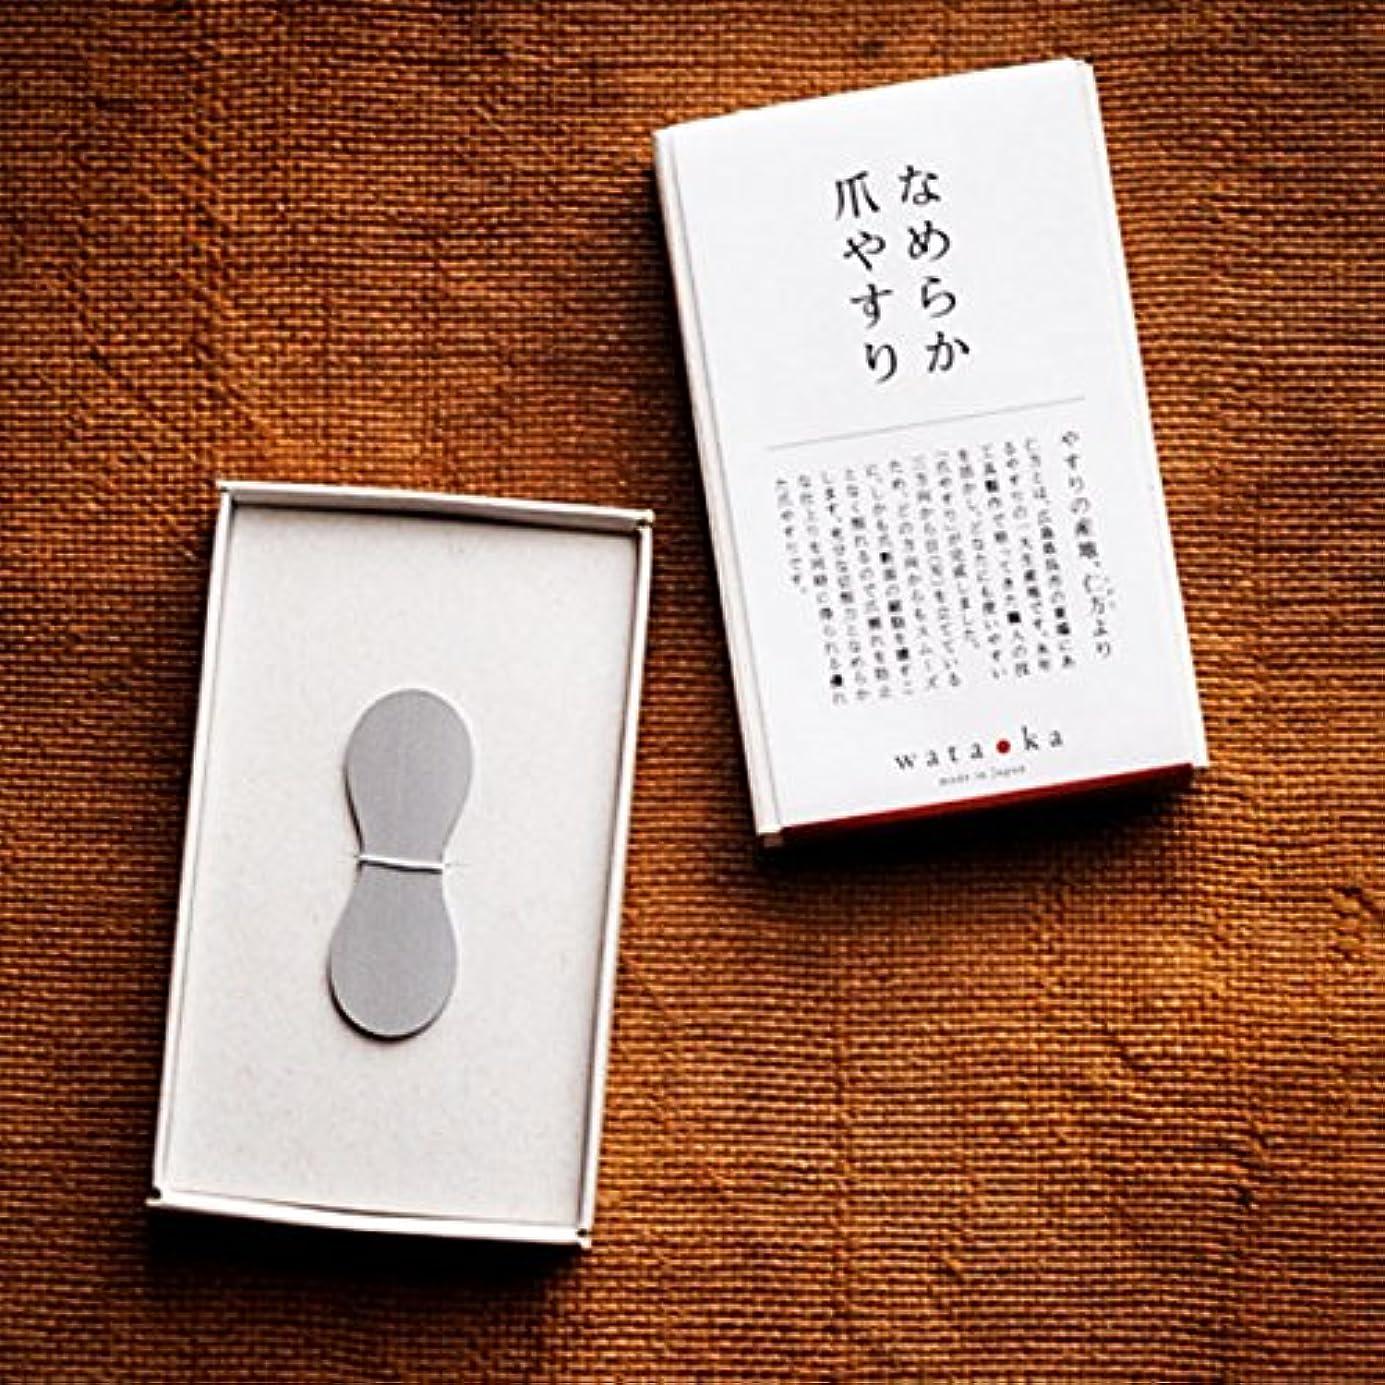 神話崇拝するスリップwataoka 鑢のワタオカ 爪やすり (専用パッケージ入り)